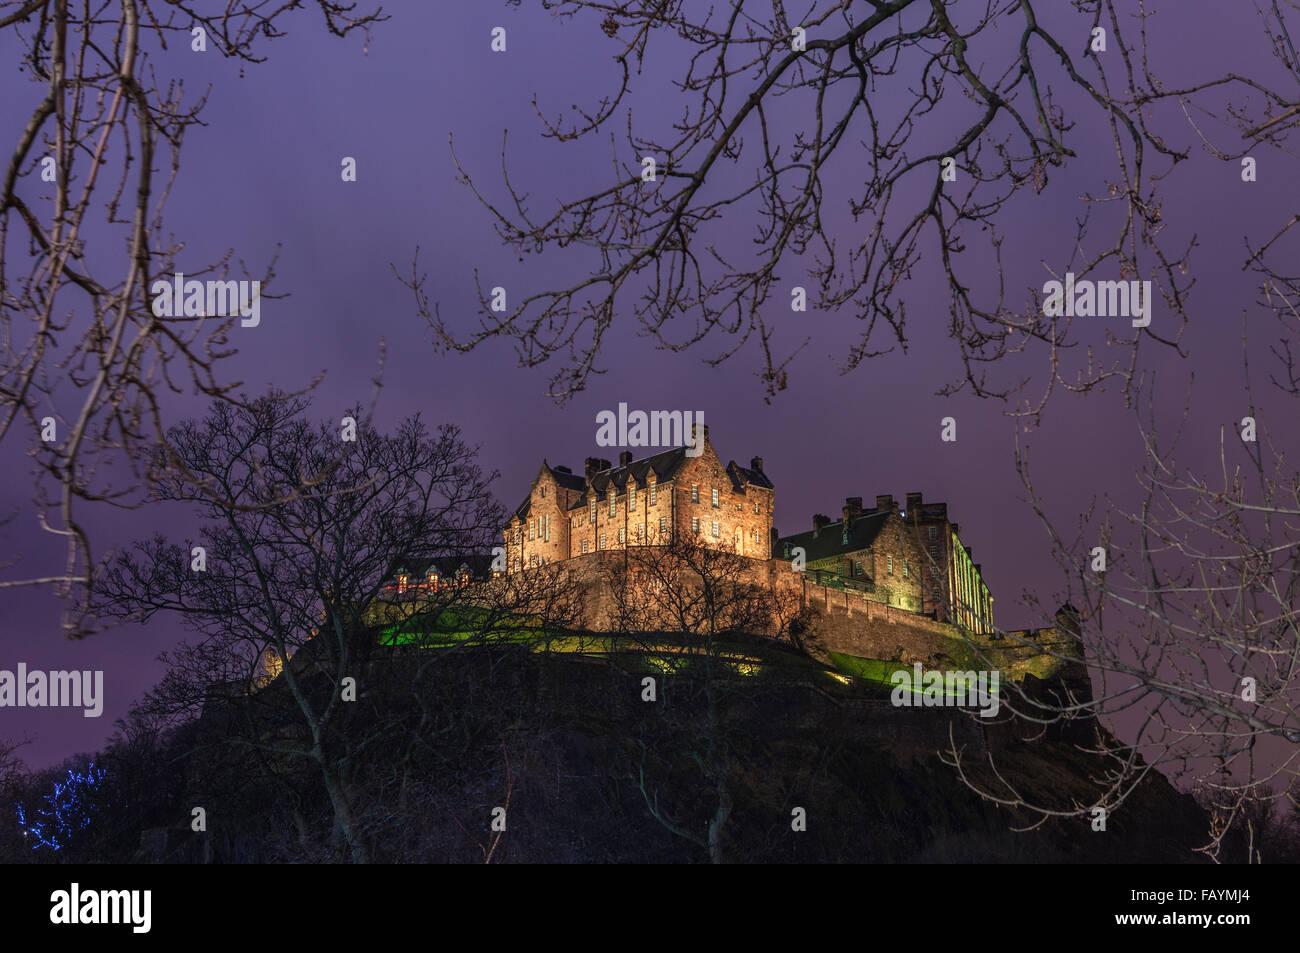 Ein Blick auf das beeindruckende Edinburgh Castle in Schottland. Stockbild